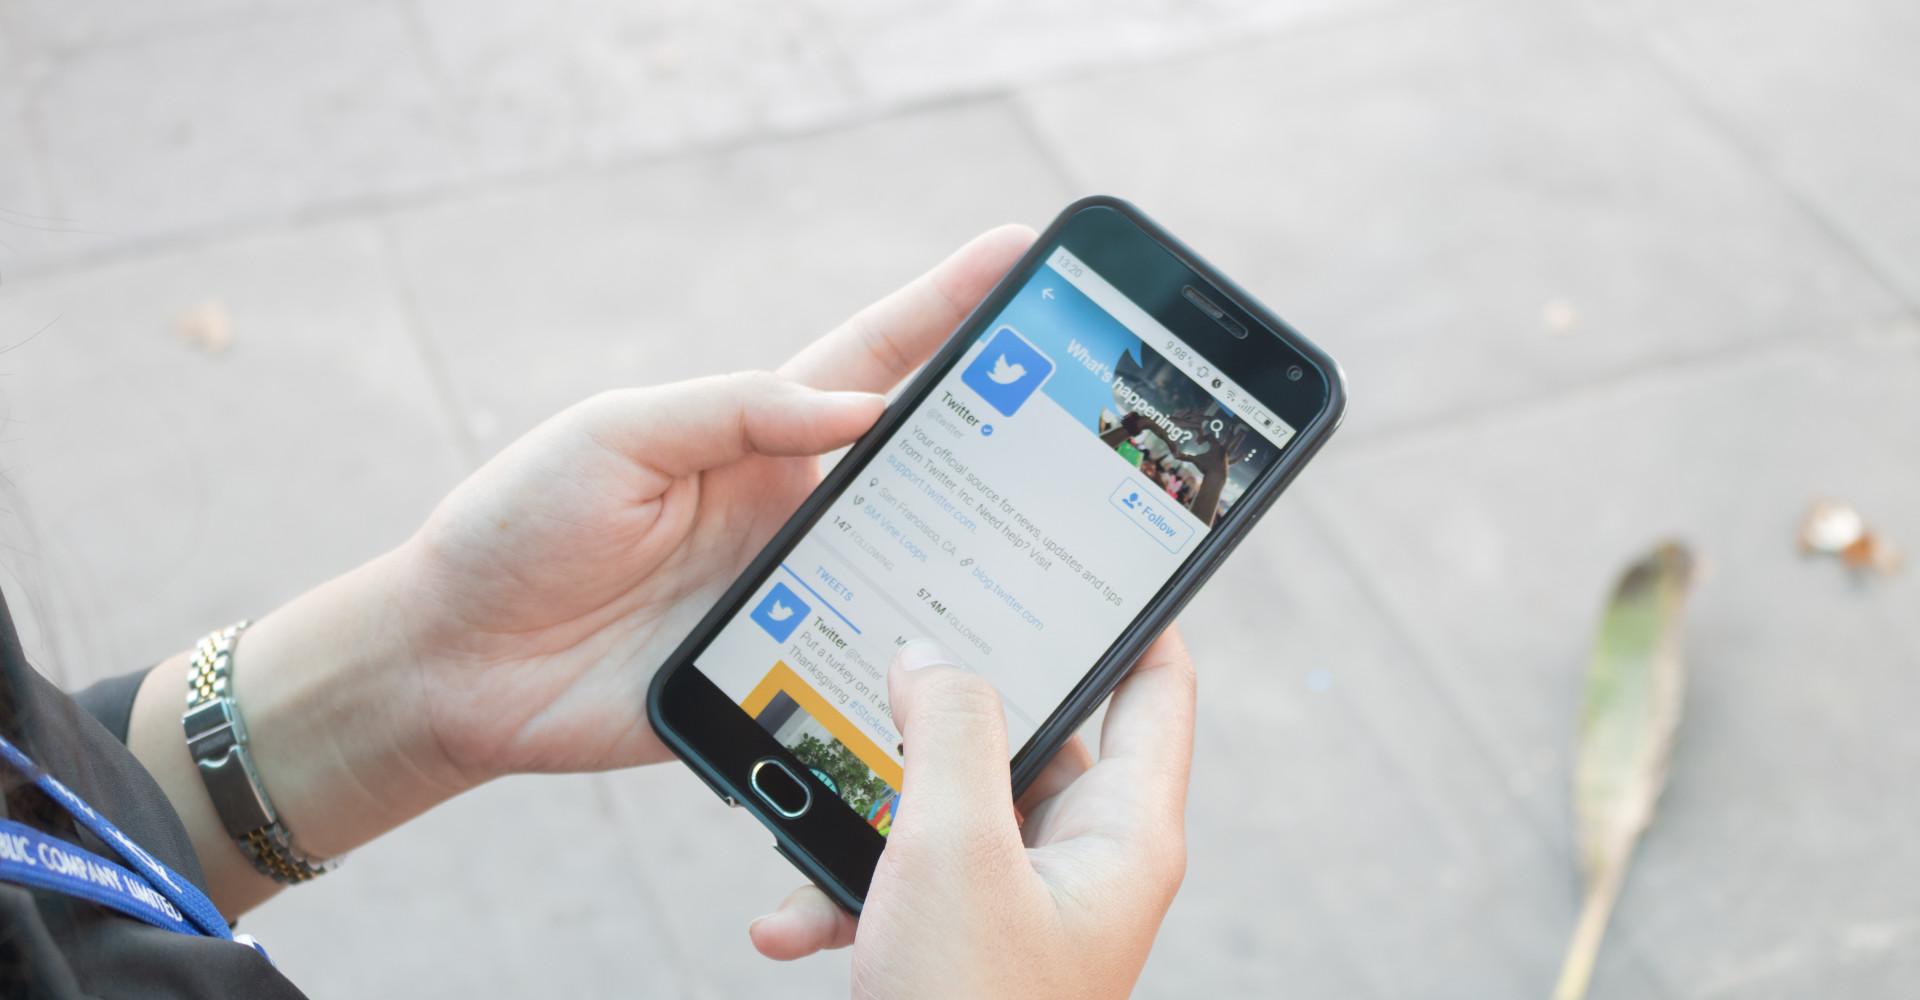 Dit zijn de meest gevolgde Twitter-accounts in België